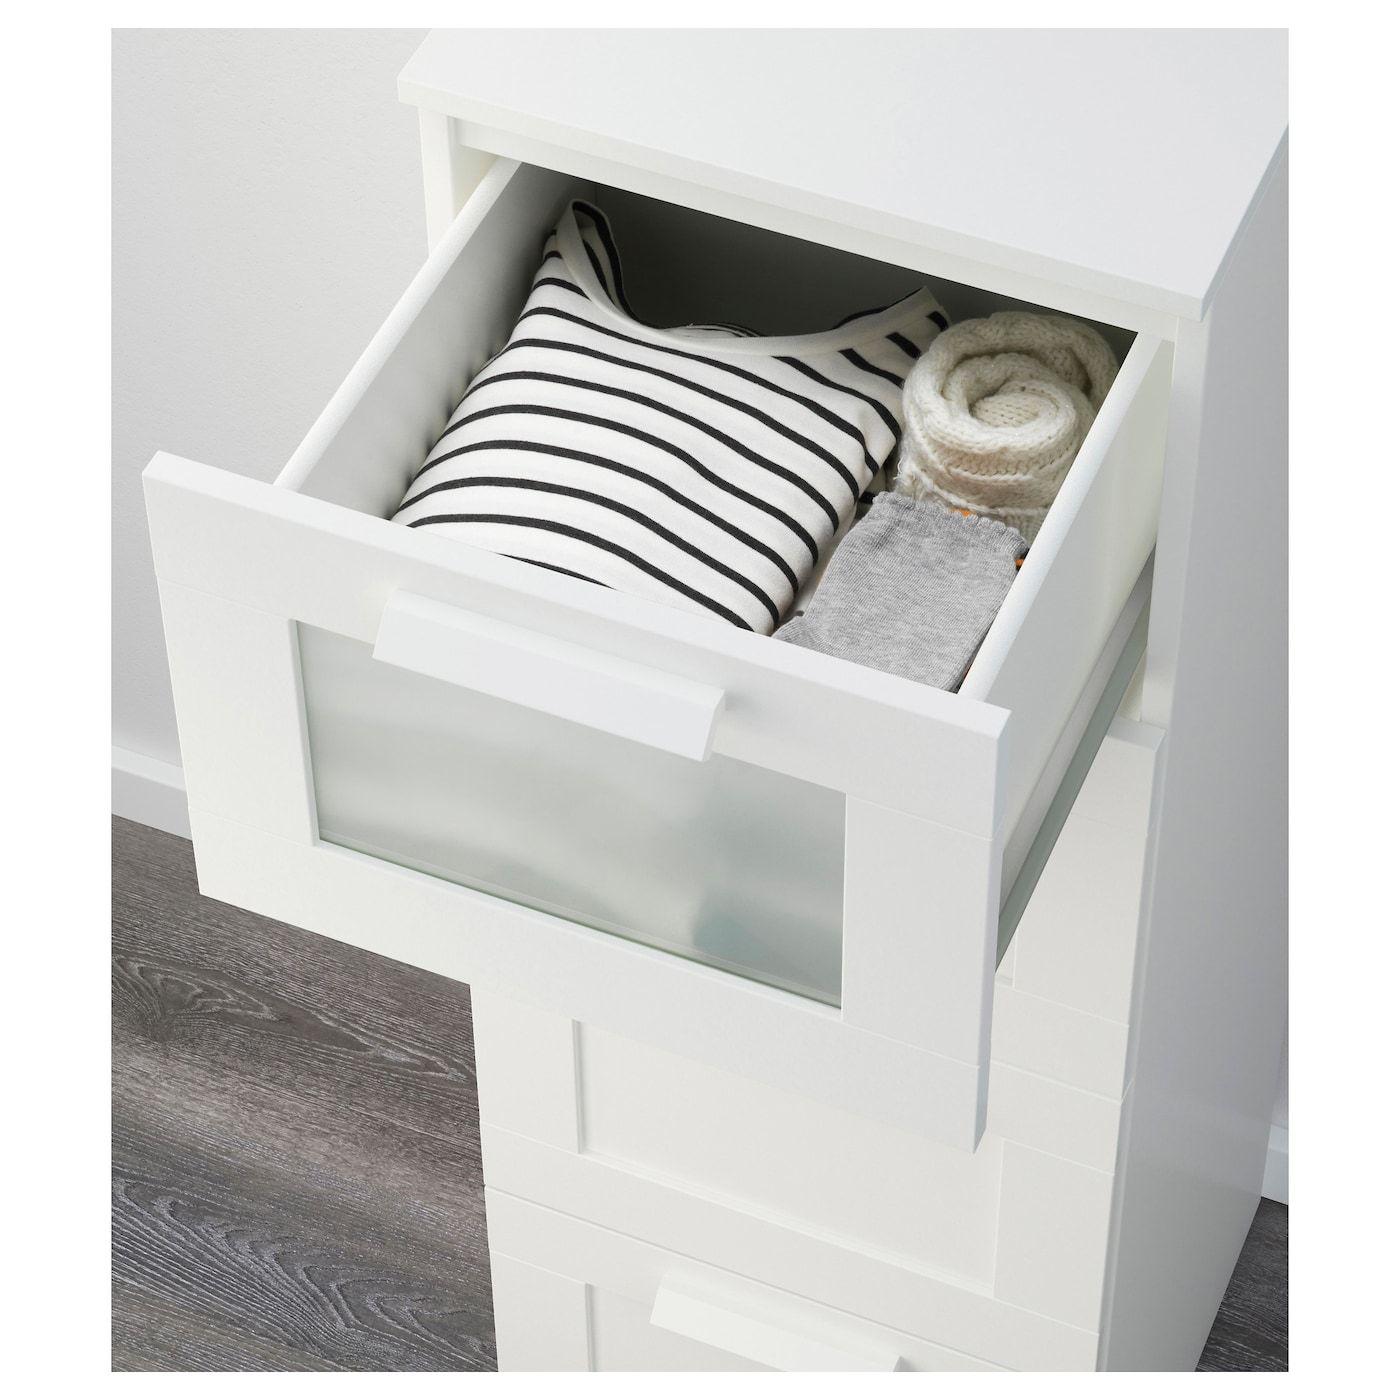 BRIMNES Kommode mit 4 Schubladen weiß, Frostglas IKEA